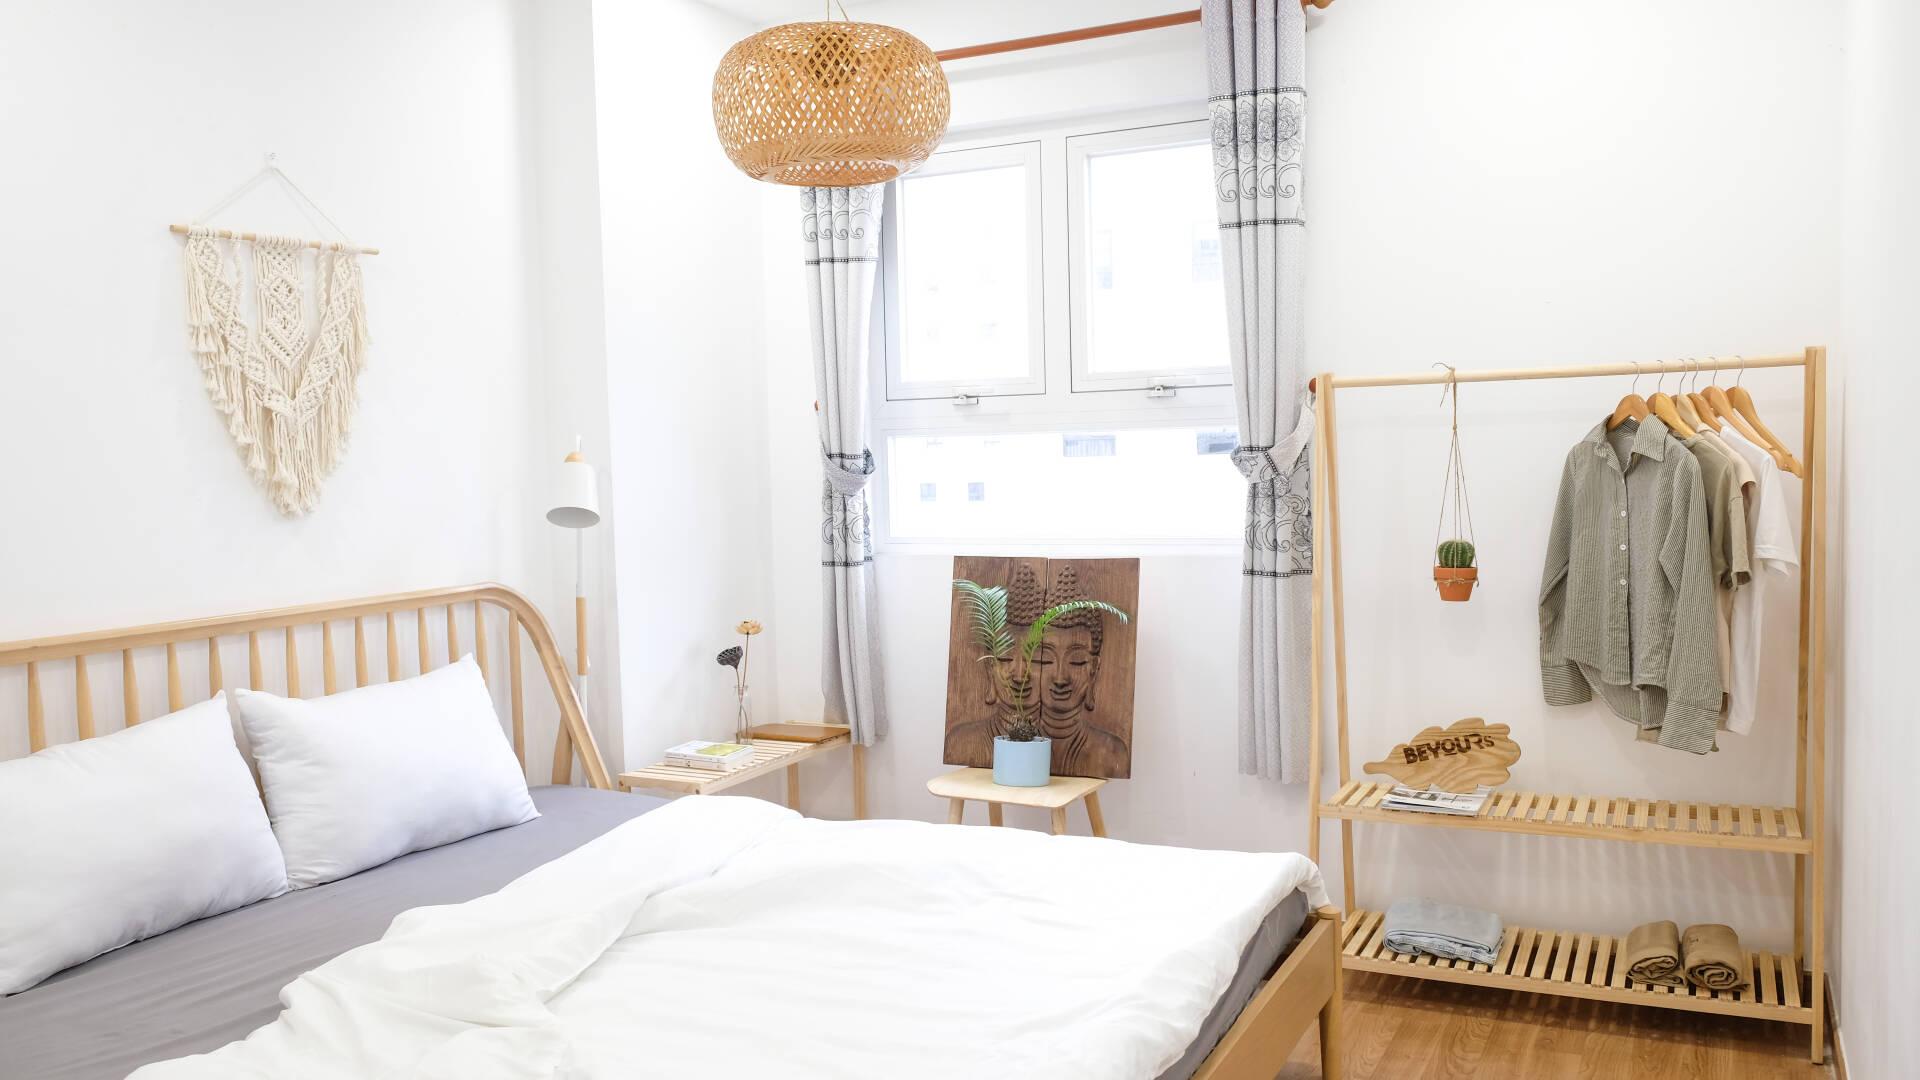 Bộ sản phẩm nội thất lắp ráp dành riêng cho phòng ngủ với thiết kế tinh giản, gọn nhẹ và tiện nghi